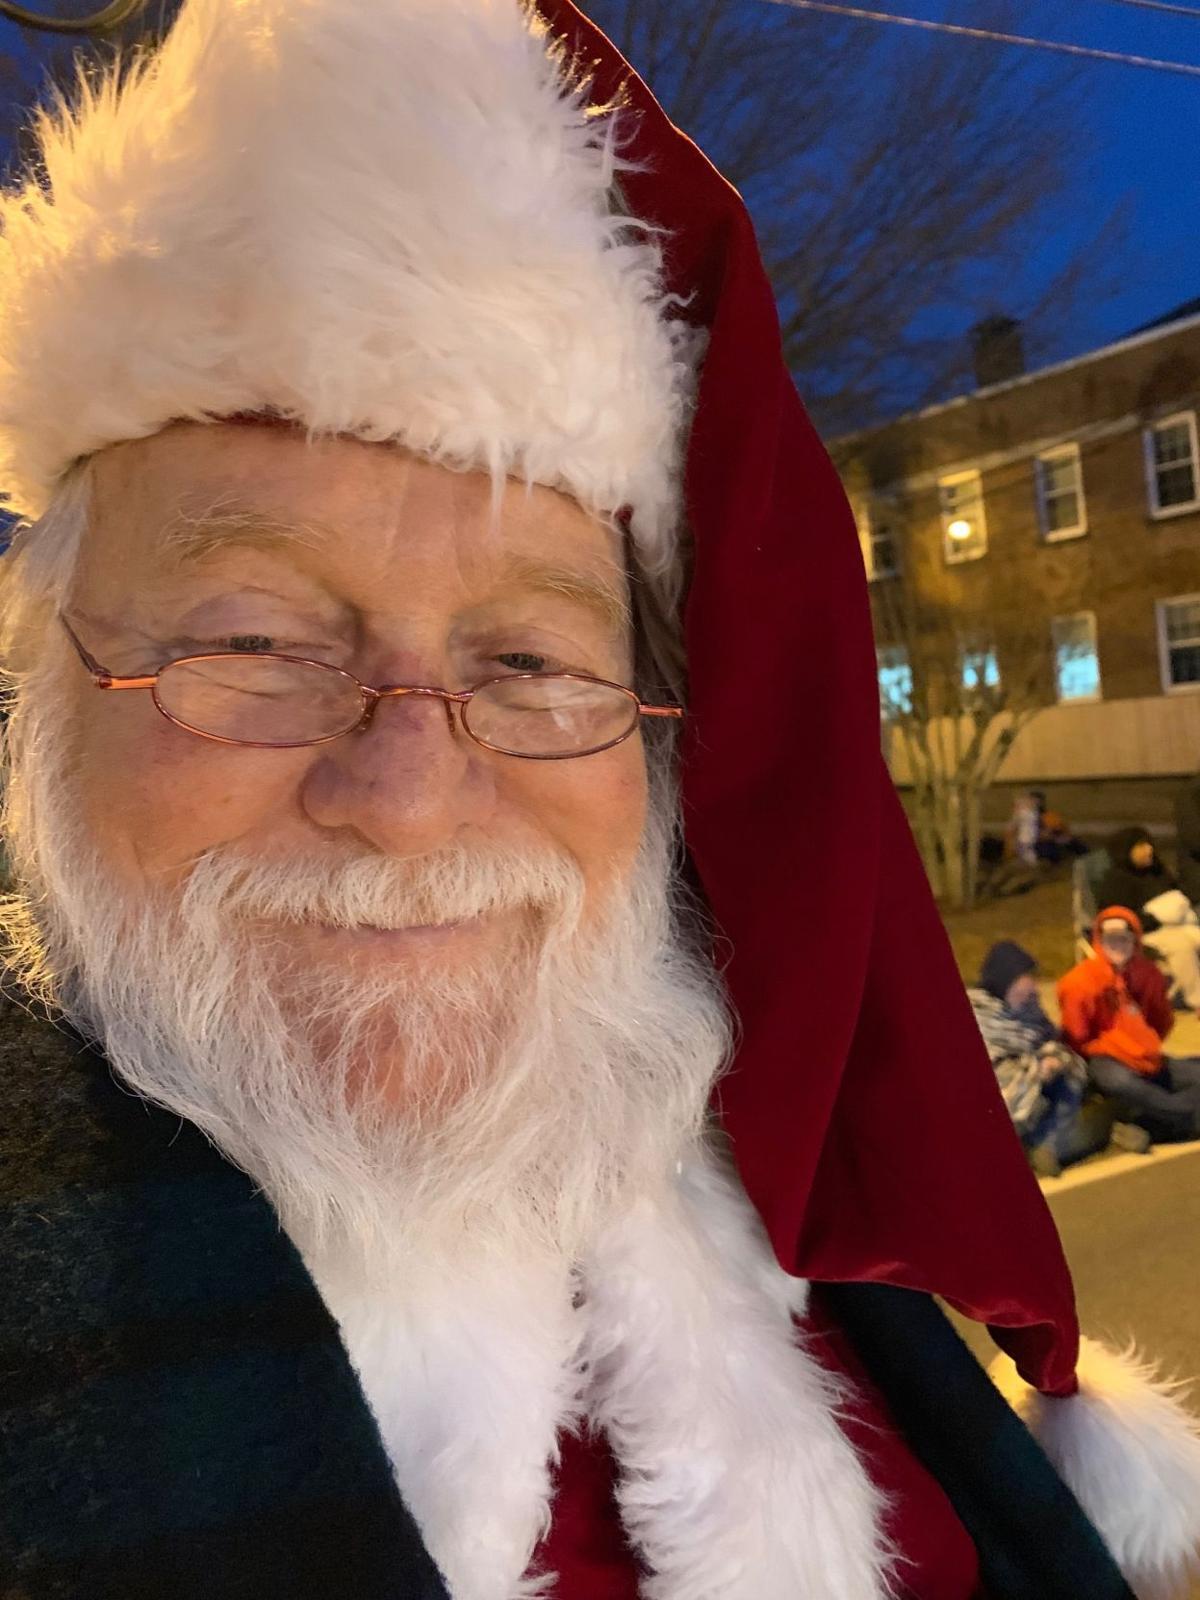 120419_BNN_Cartersville_Christmas_Parade1